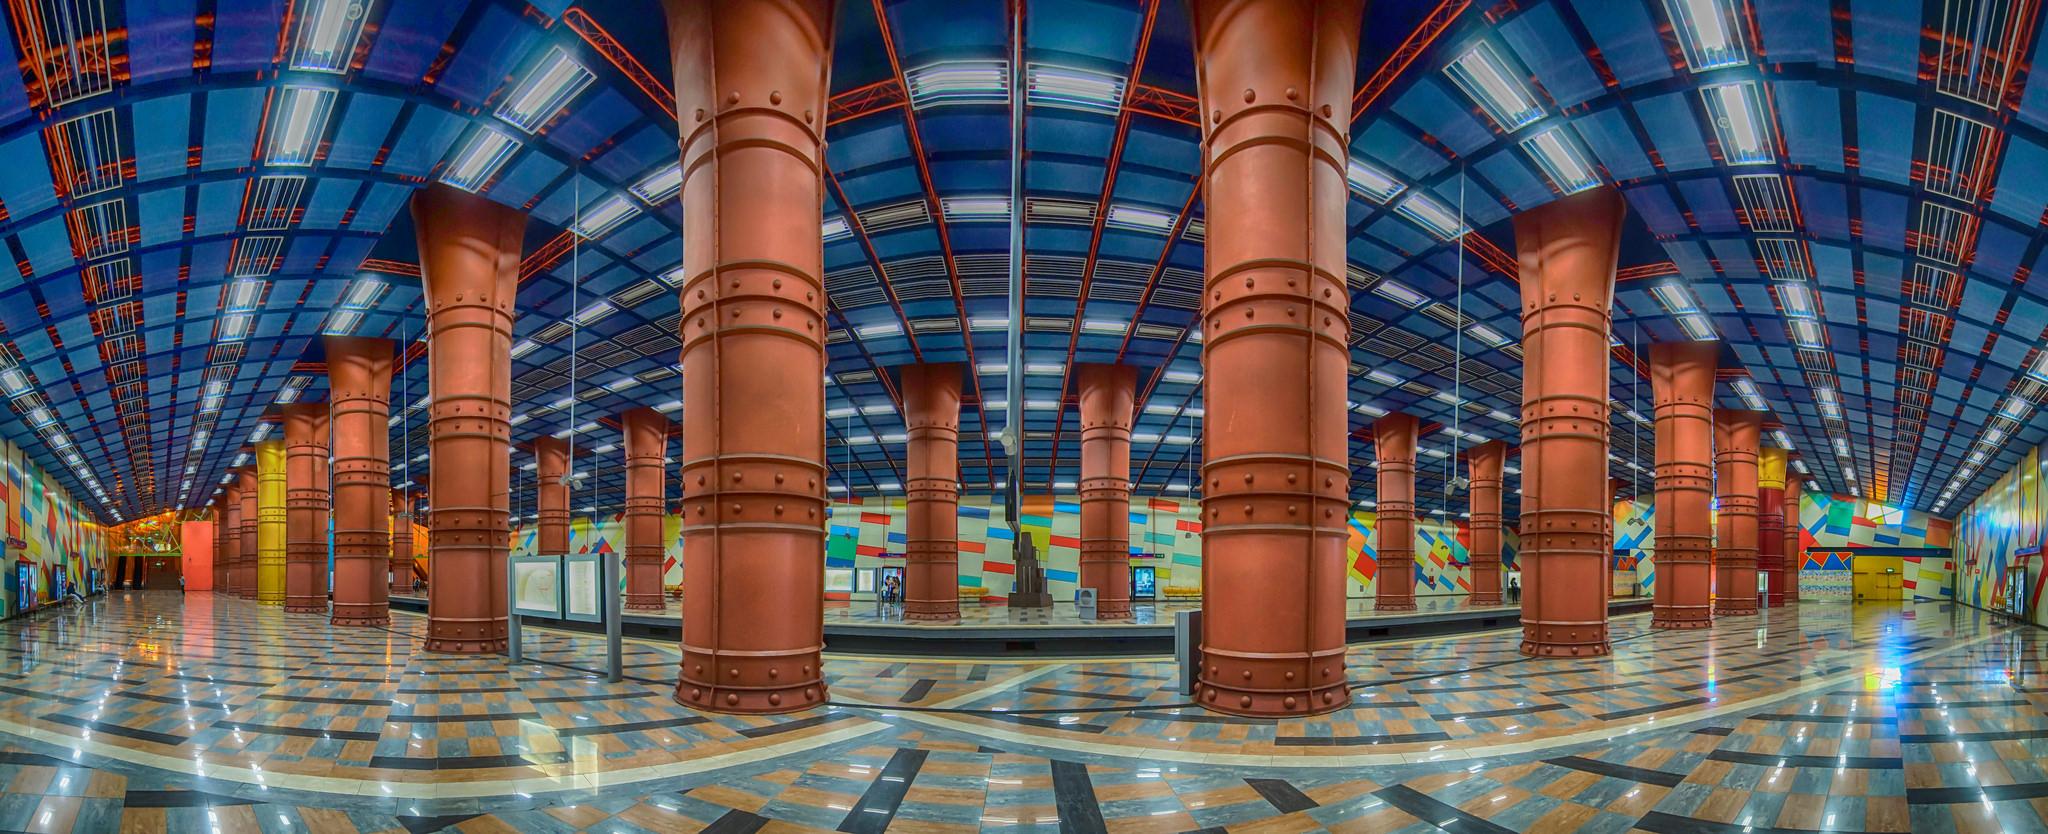 Olaias metro station in Lisbon © Beune